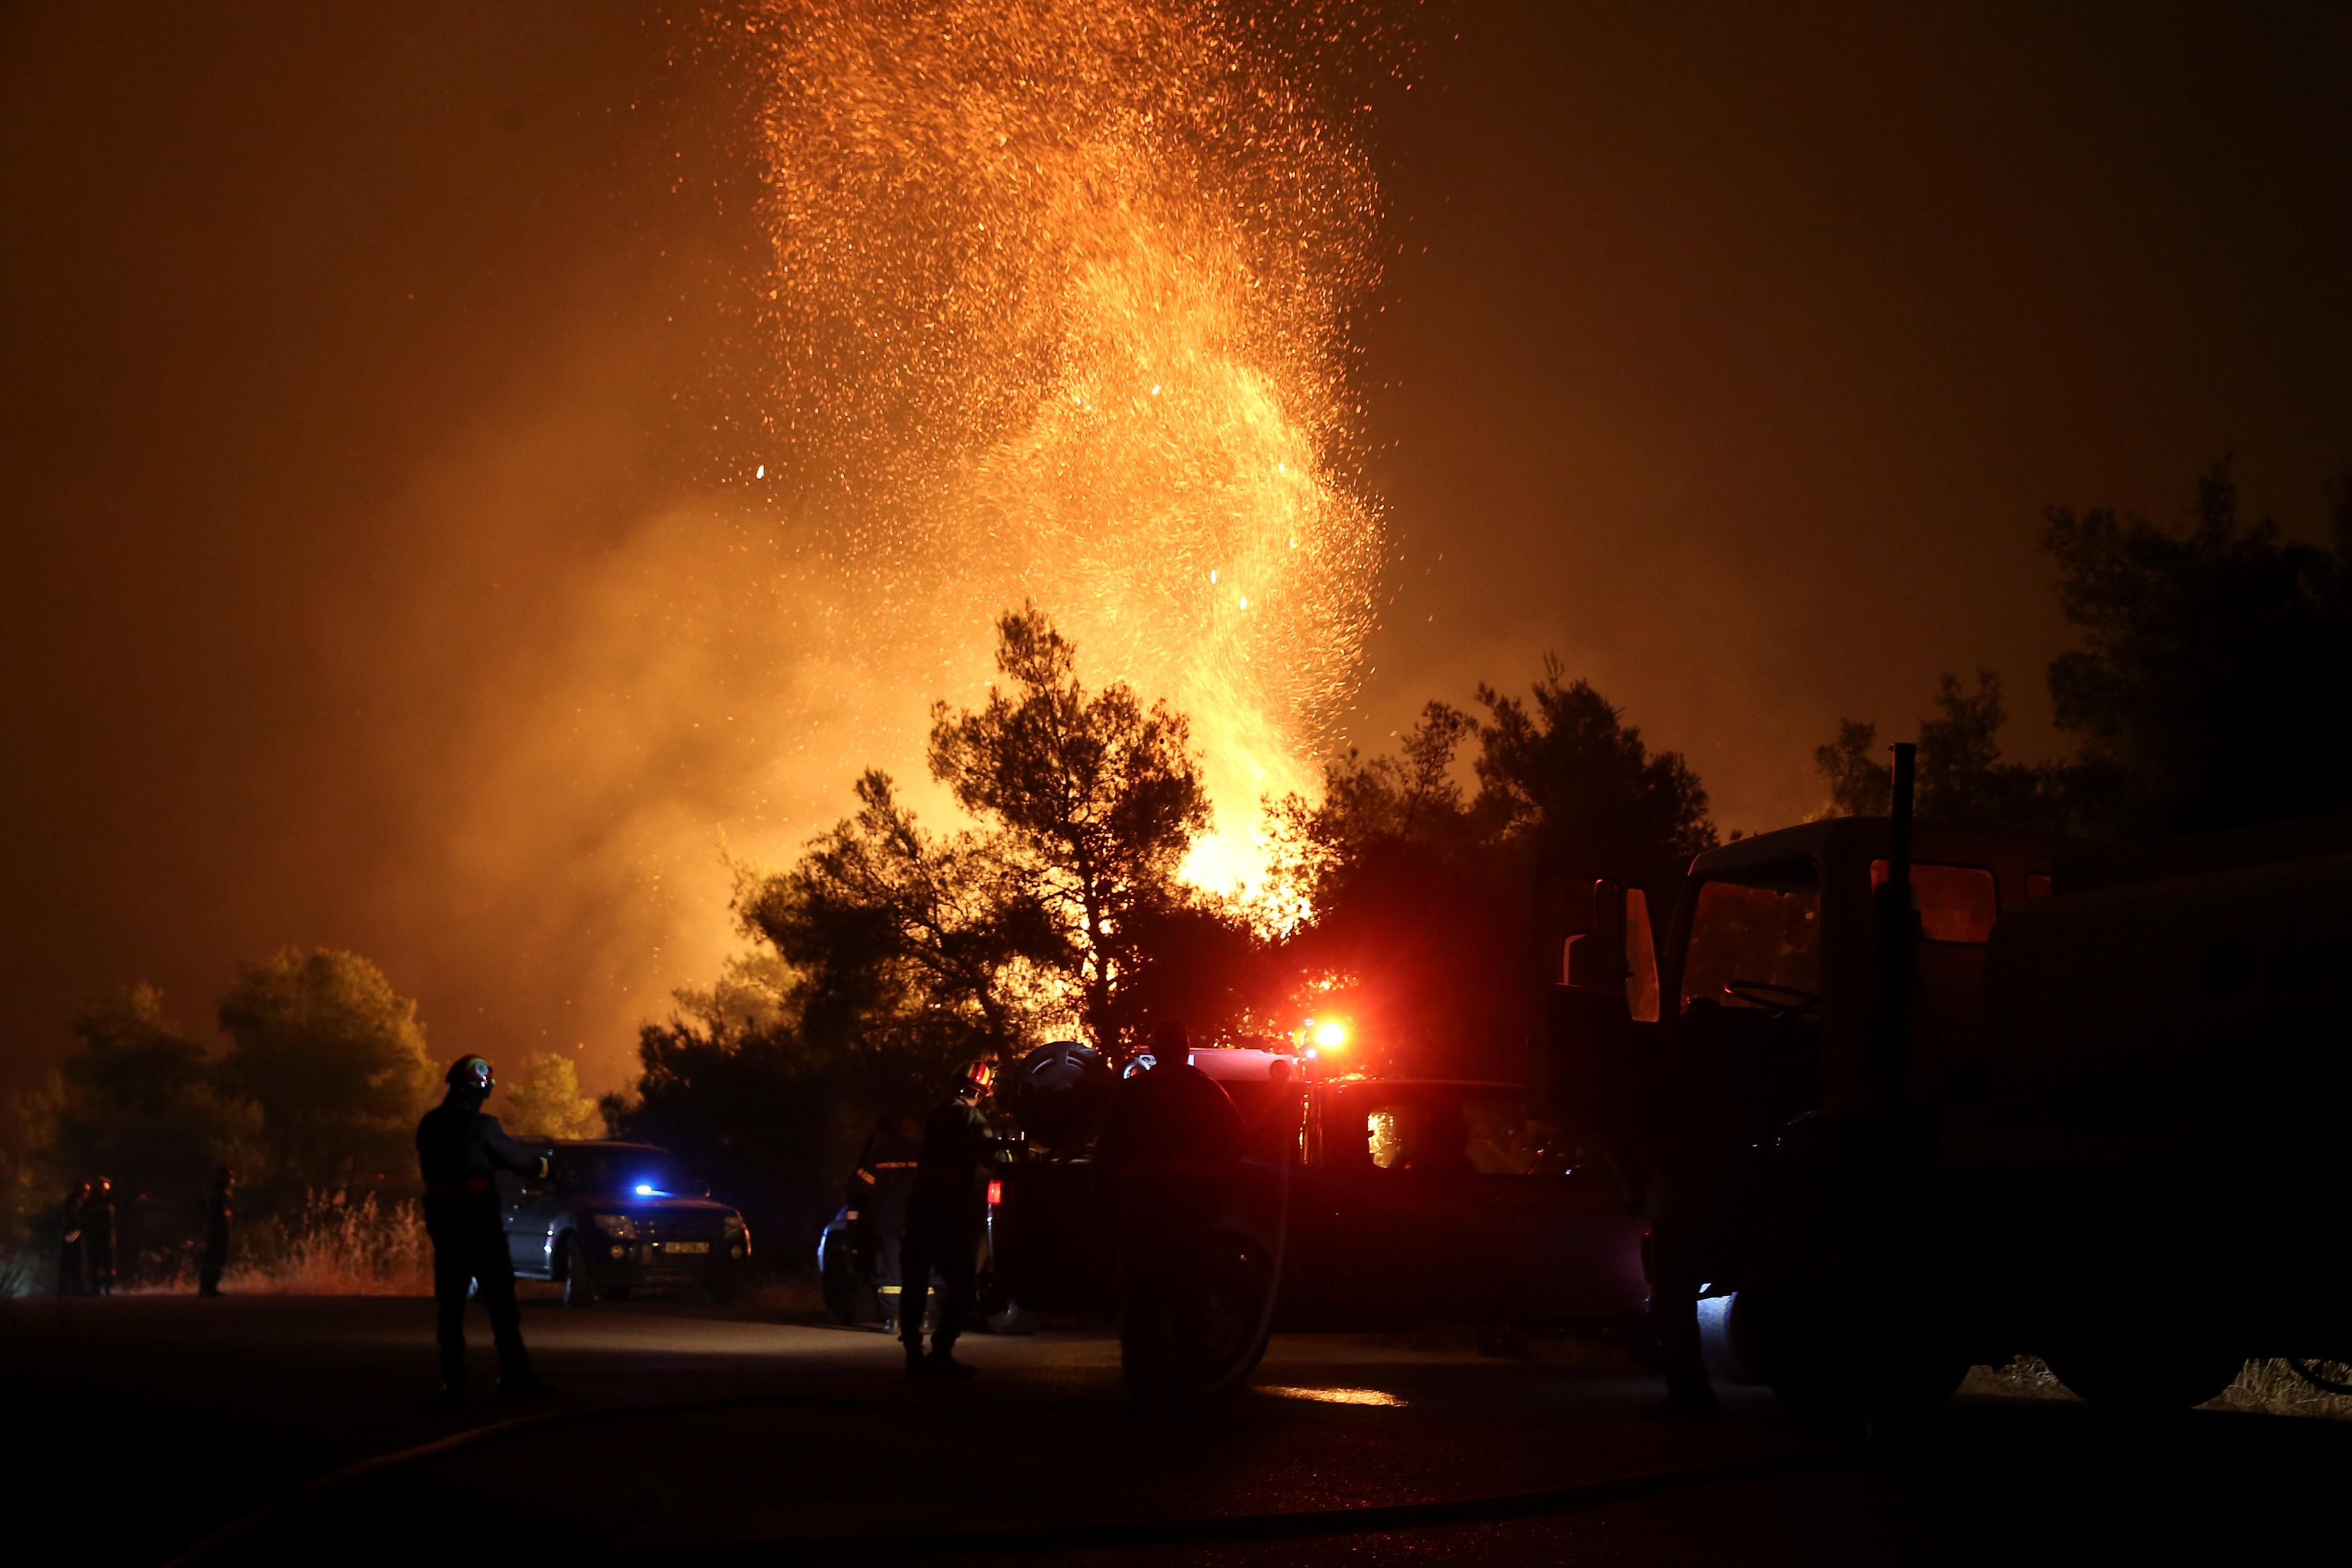 Φωτιά Εύβοια: Έργο εμπρηστών η καταστροφική πυρκαγιά;